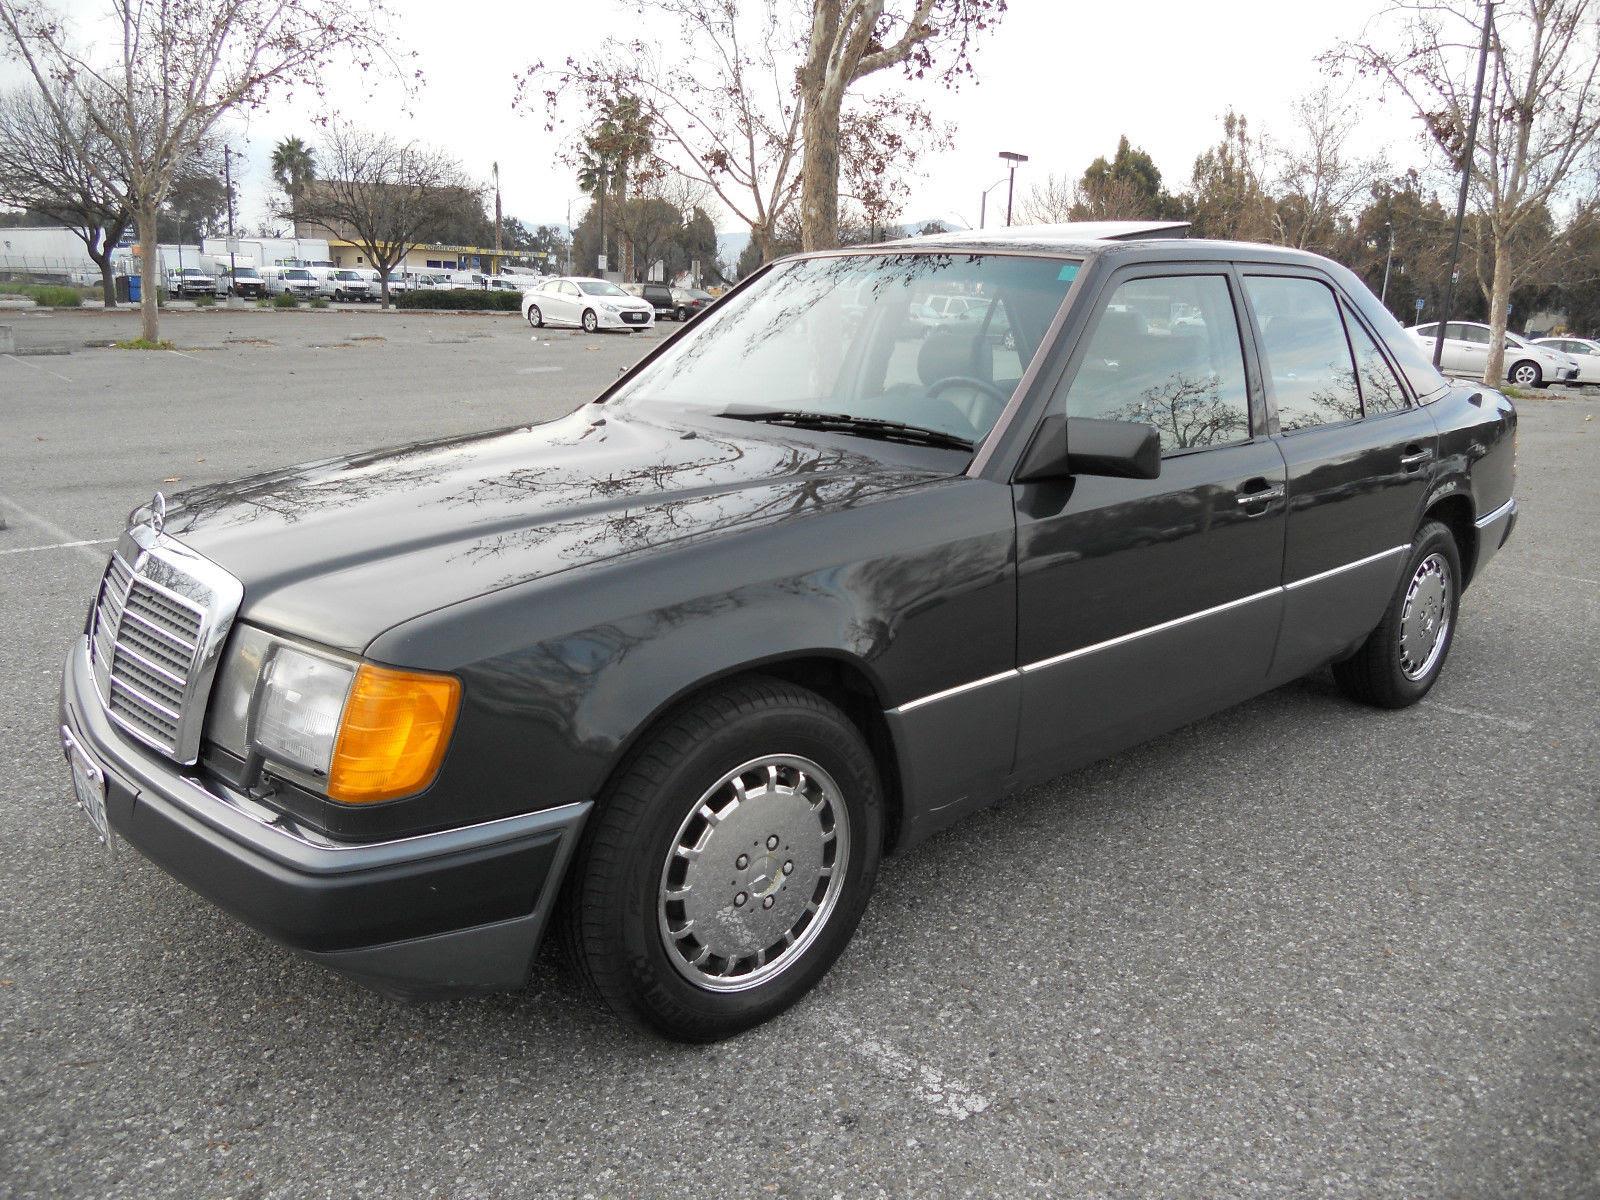 1991 Mercedes Benz 300e 4matic W124 71 400 Miles All Original No Reserve Classic Mercedes Benz 300 Series 1991 For Sale